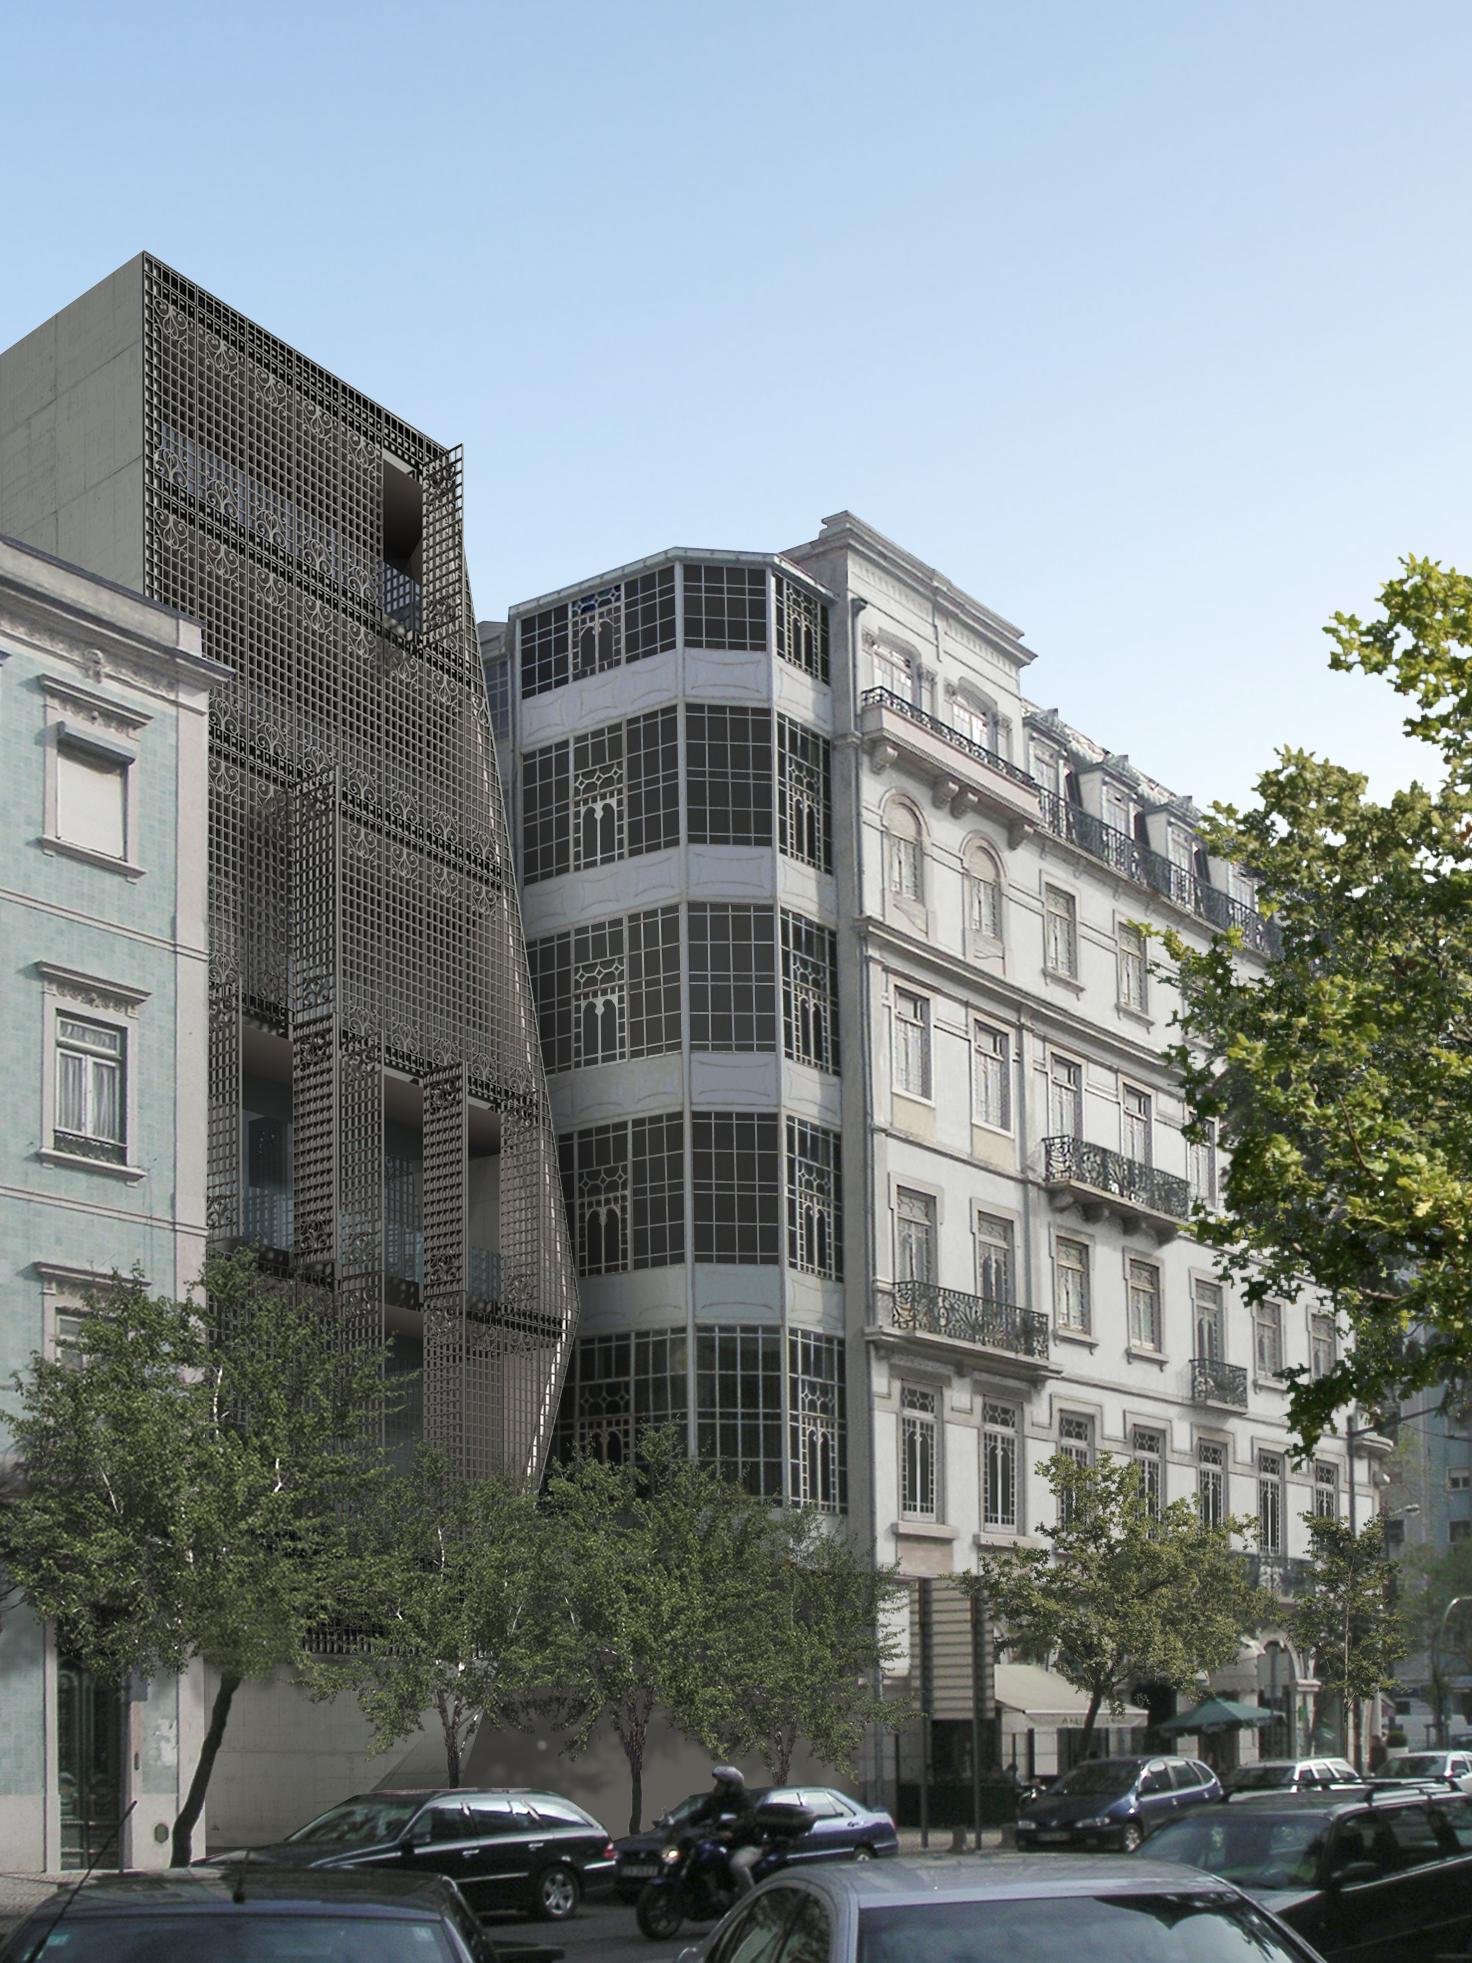 3 pièces 128m2, Lisbonne (Avenidas Novas)